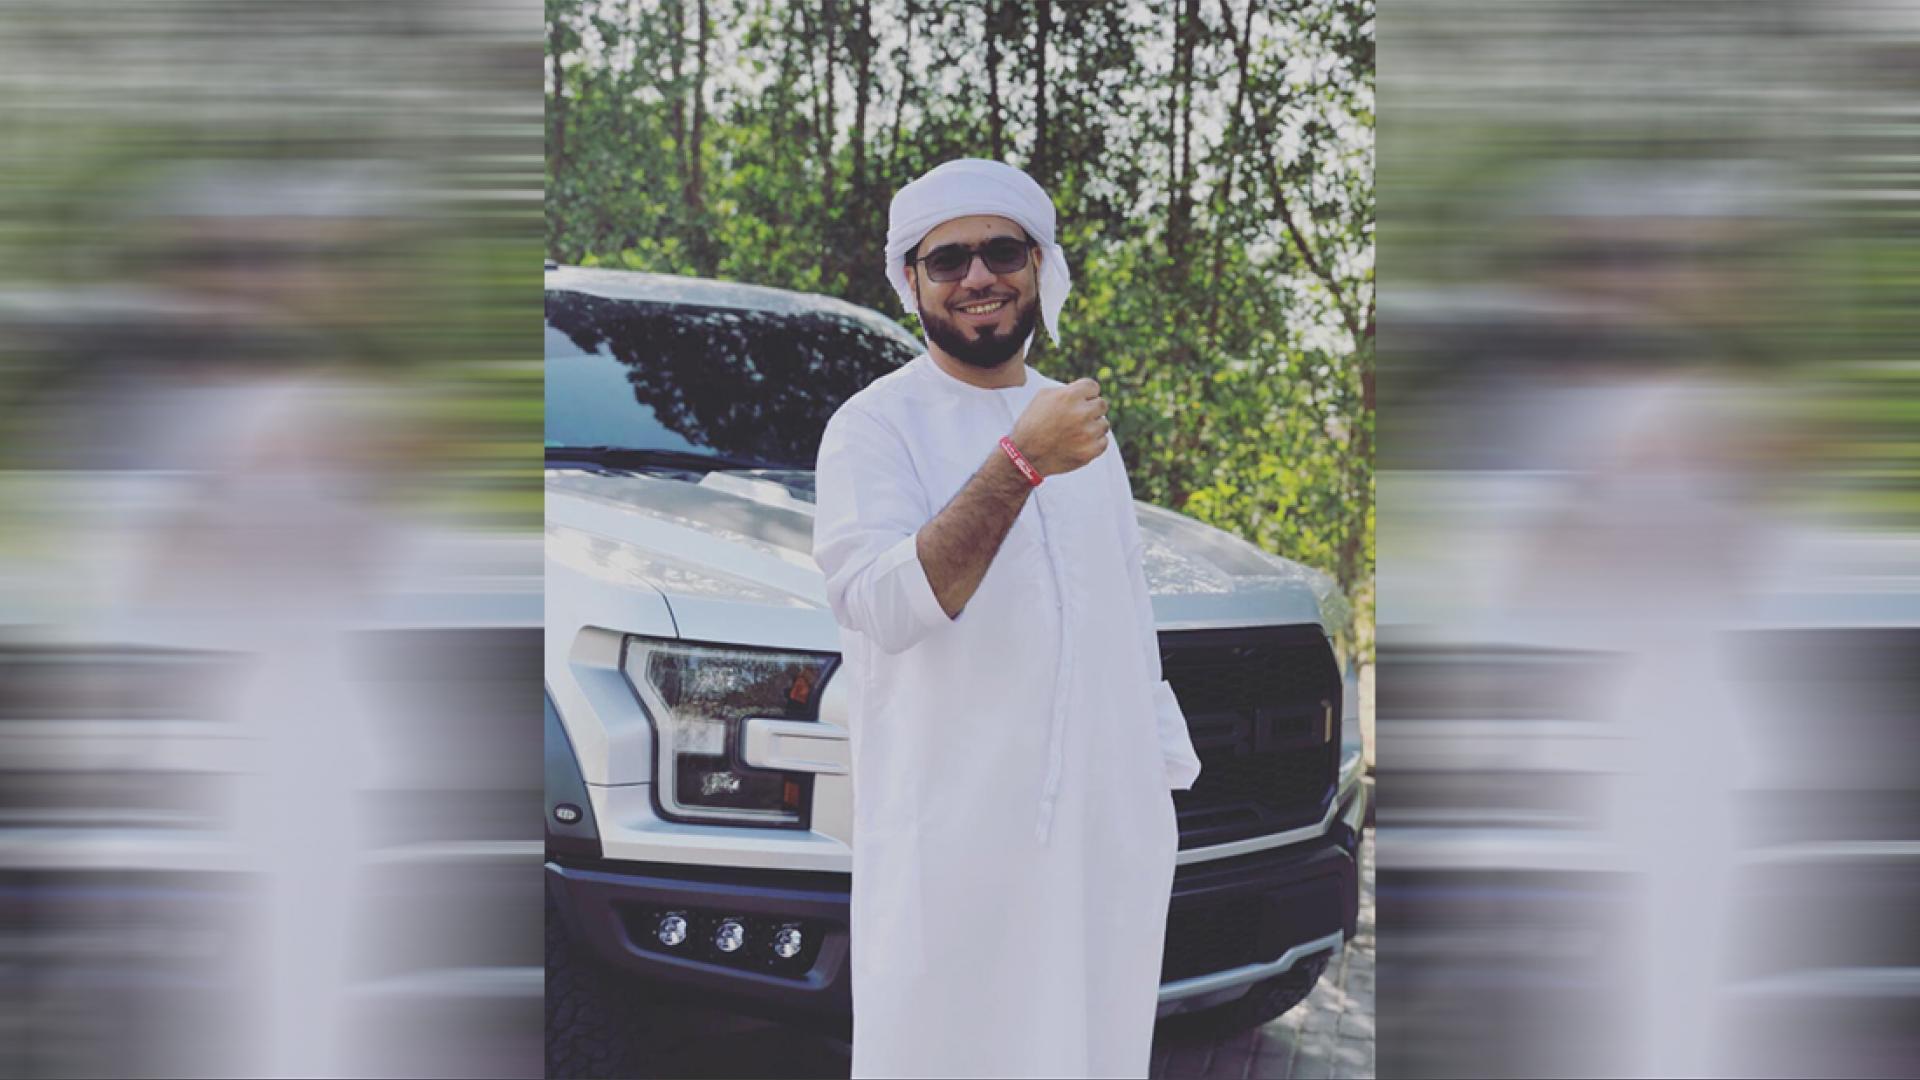 خطيب مسجد الشيخ زايد بالإمارات يهاجم قطر بعد حذف تويتر لمقطع فيديو